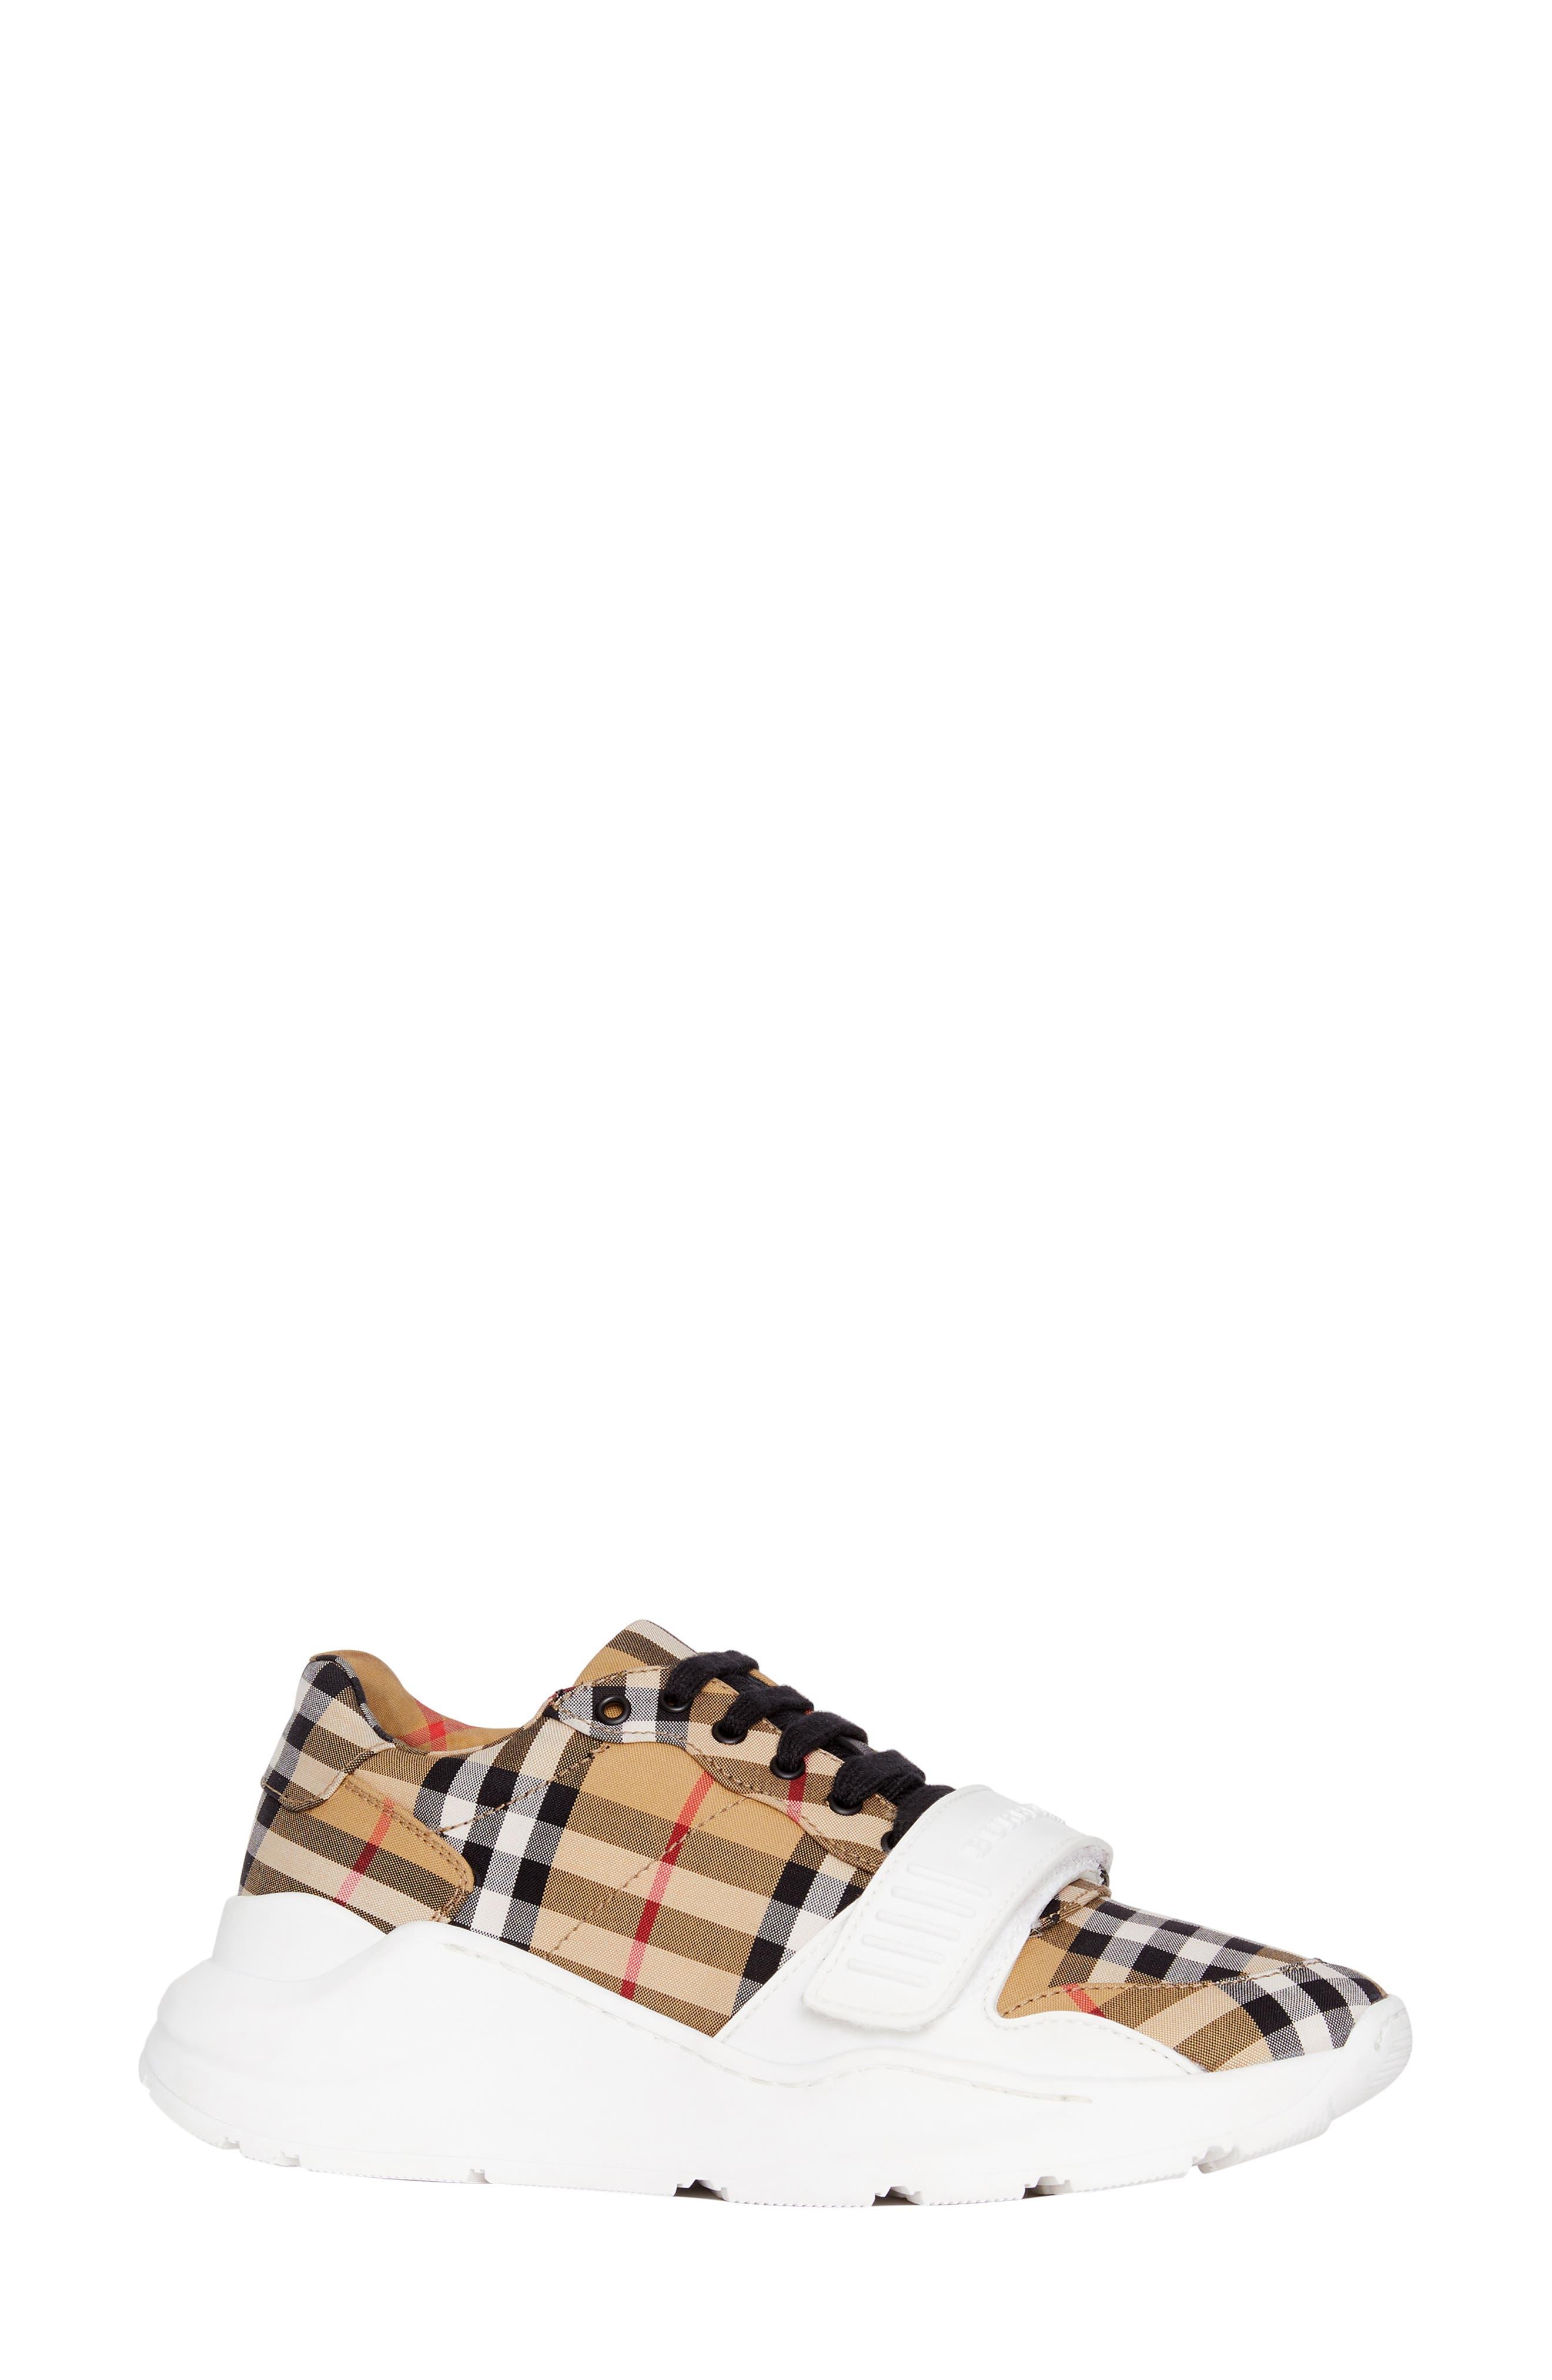 Regis Check Lace-Up Sneaker, Main, color, BEIGE PLAID